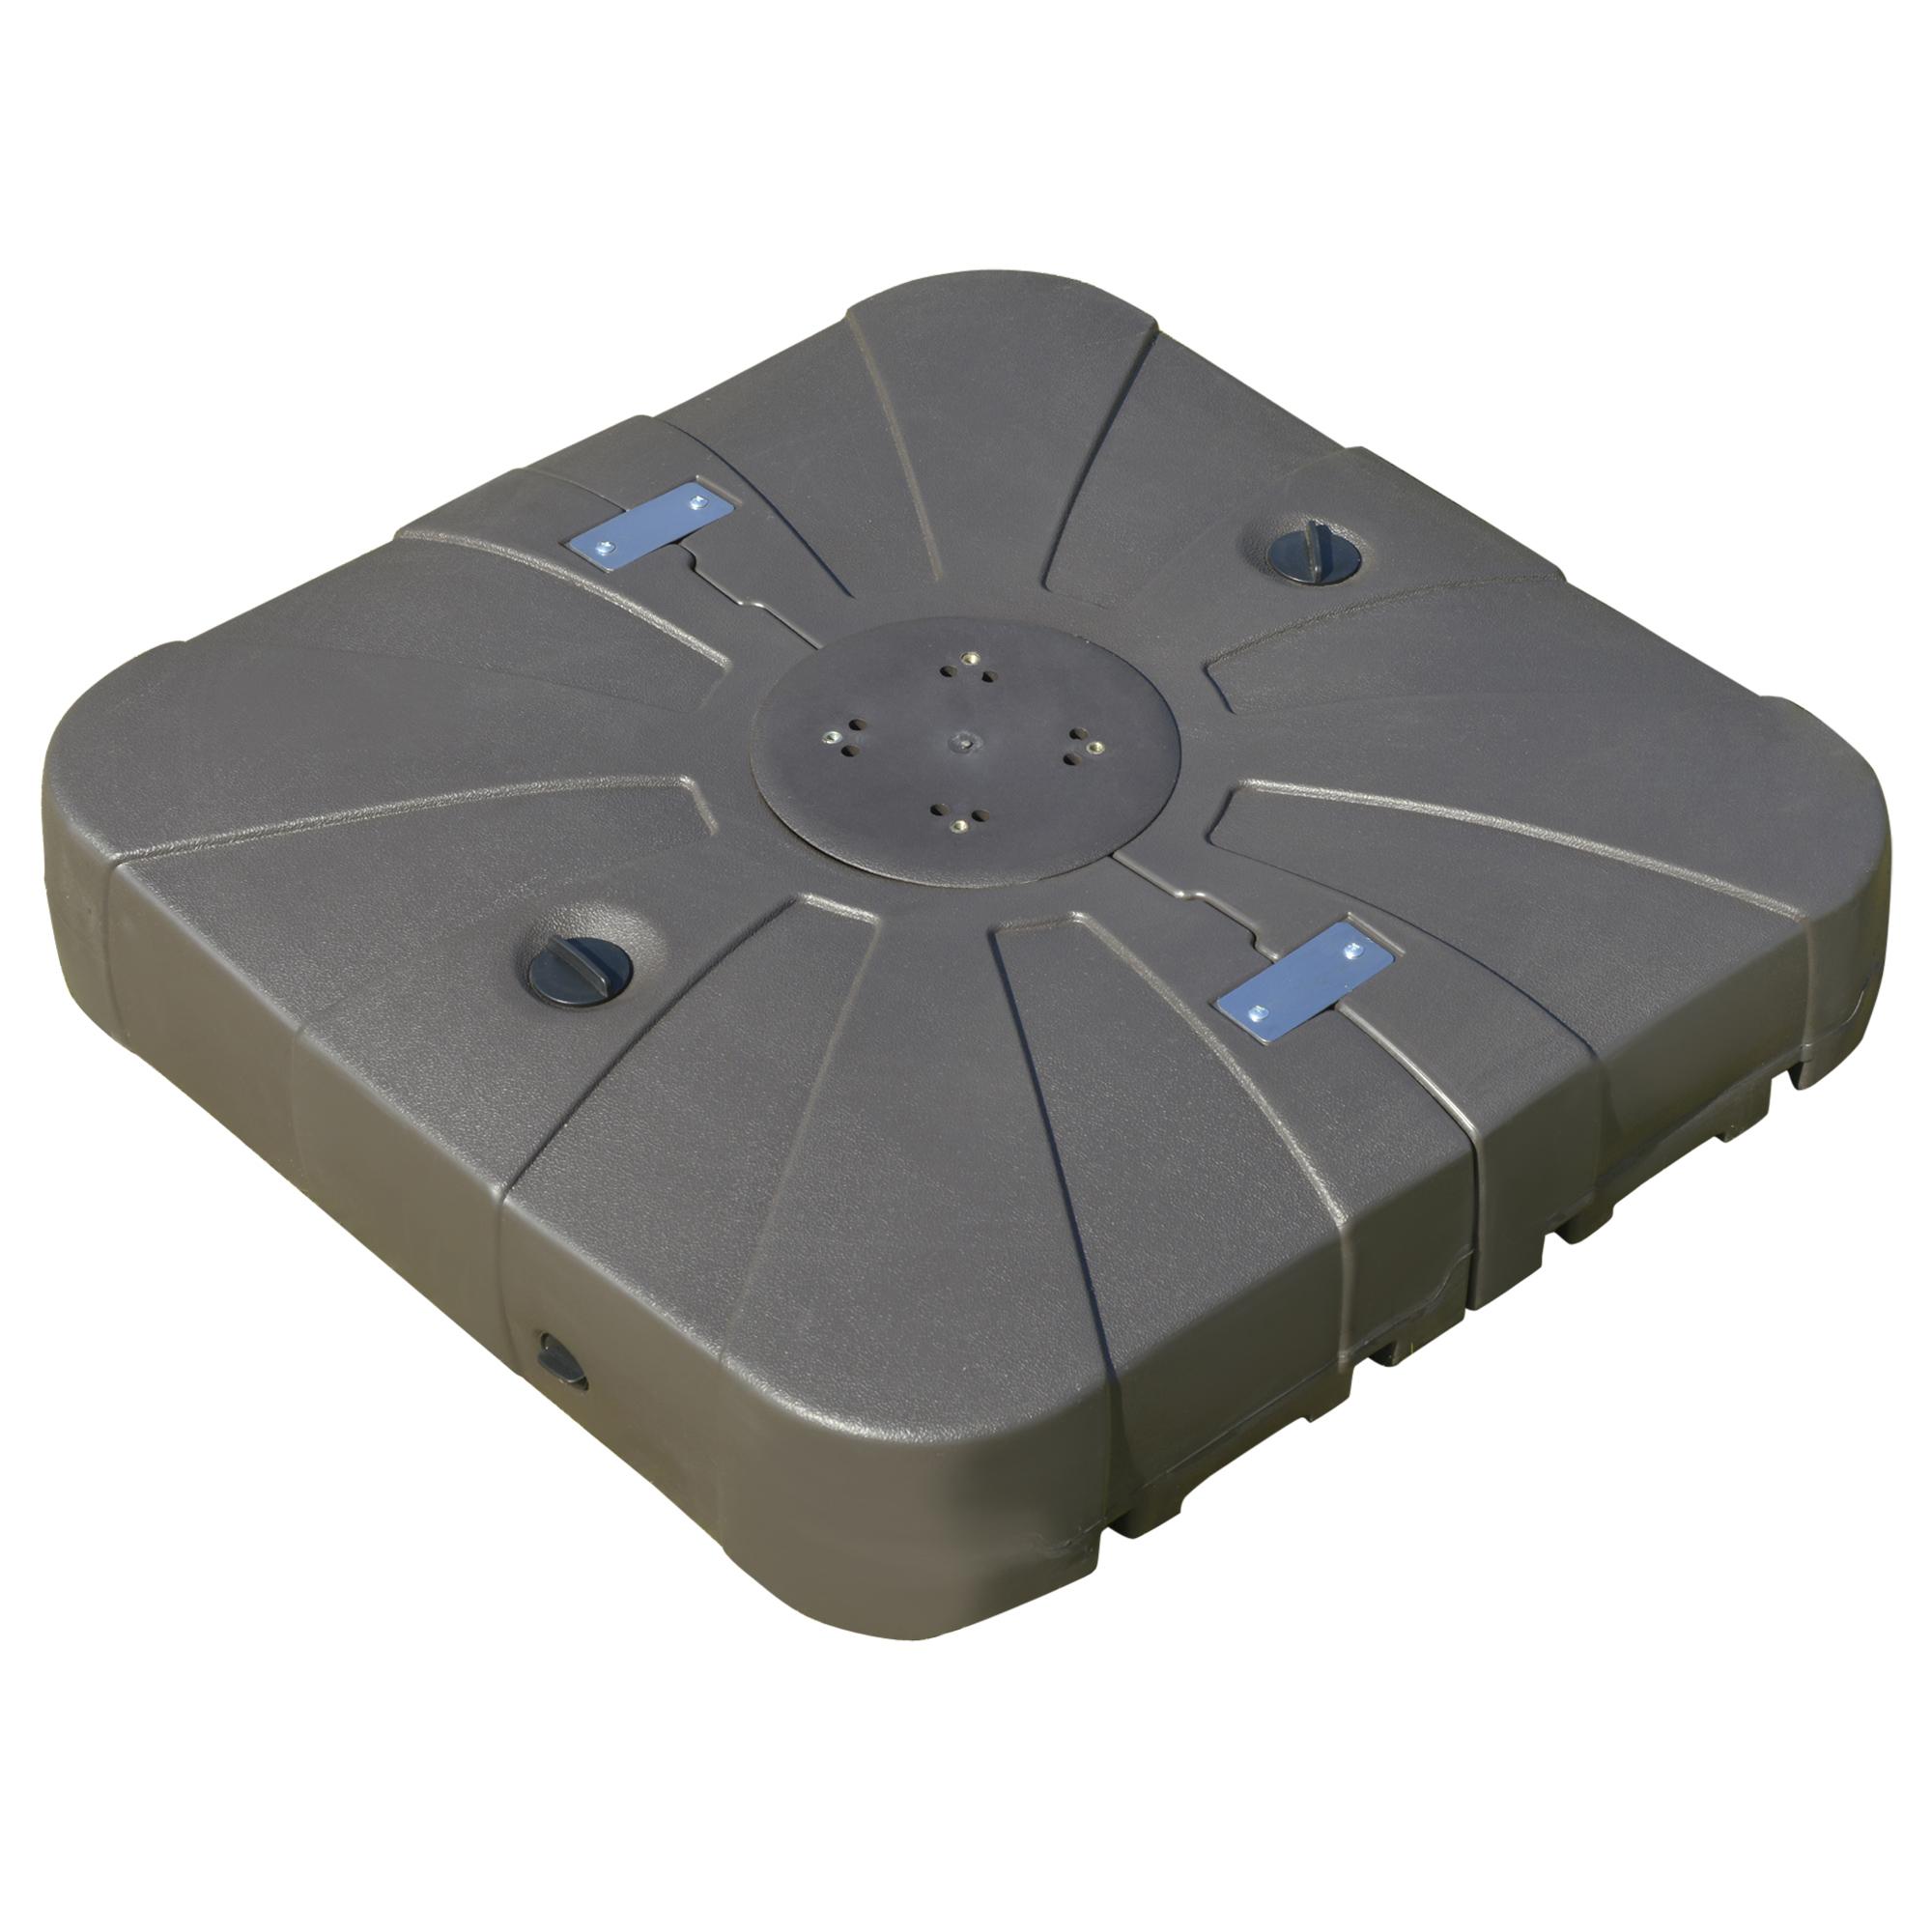 Pied de parasol déporté base de lestage HDPE gris